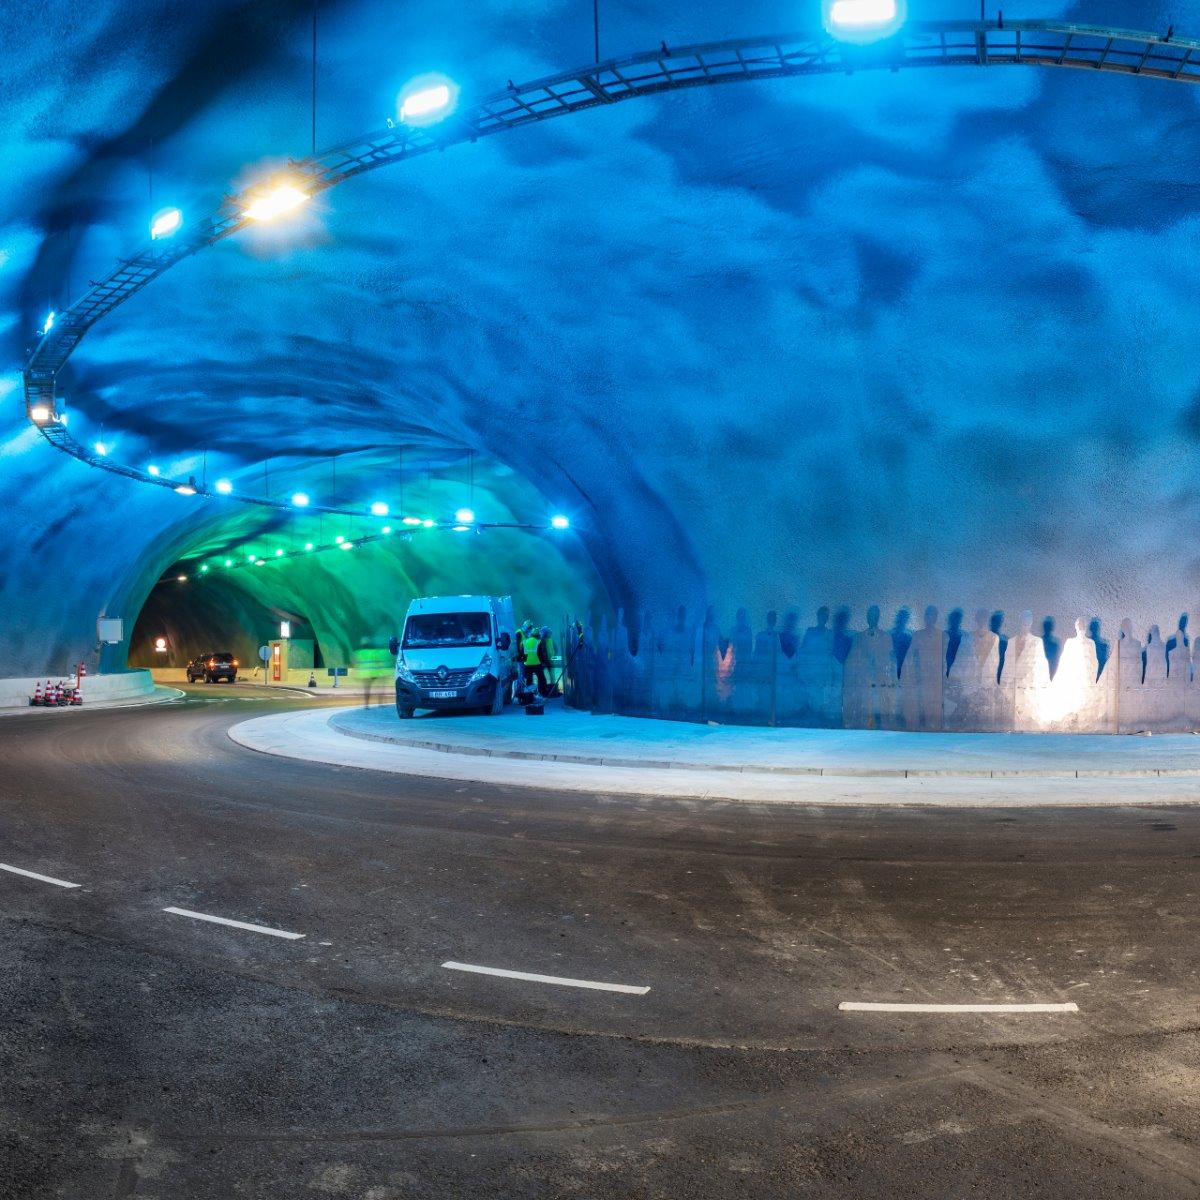 κατασκευή υποβρύχιου δρόμου Νησιά Φερόε